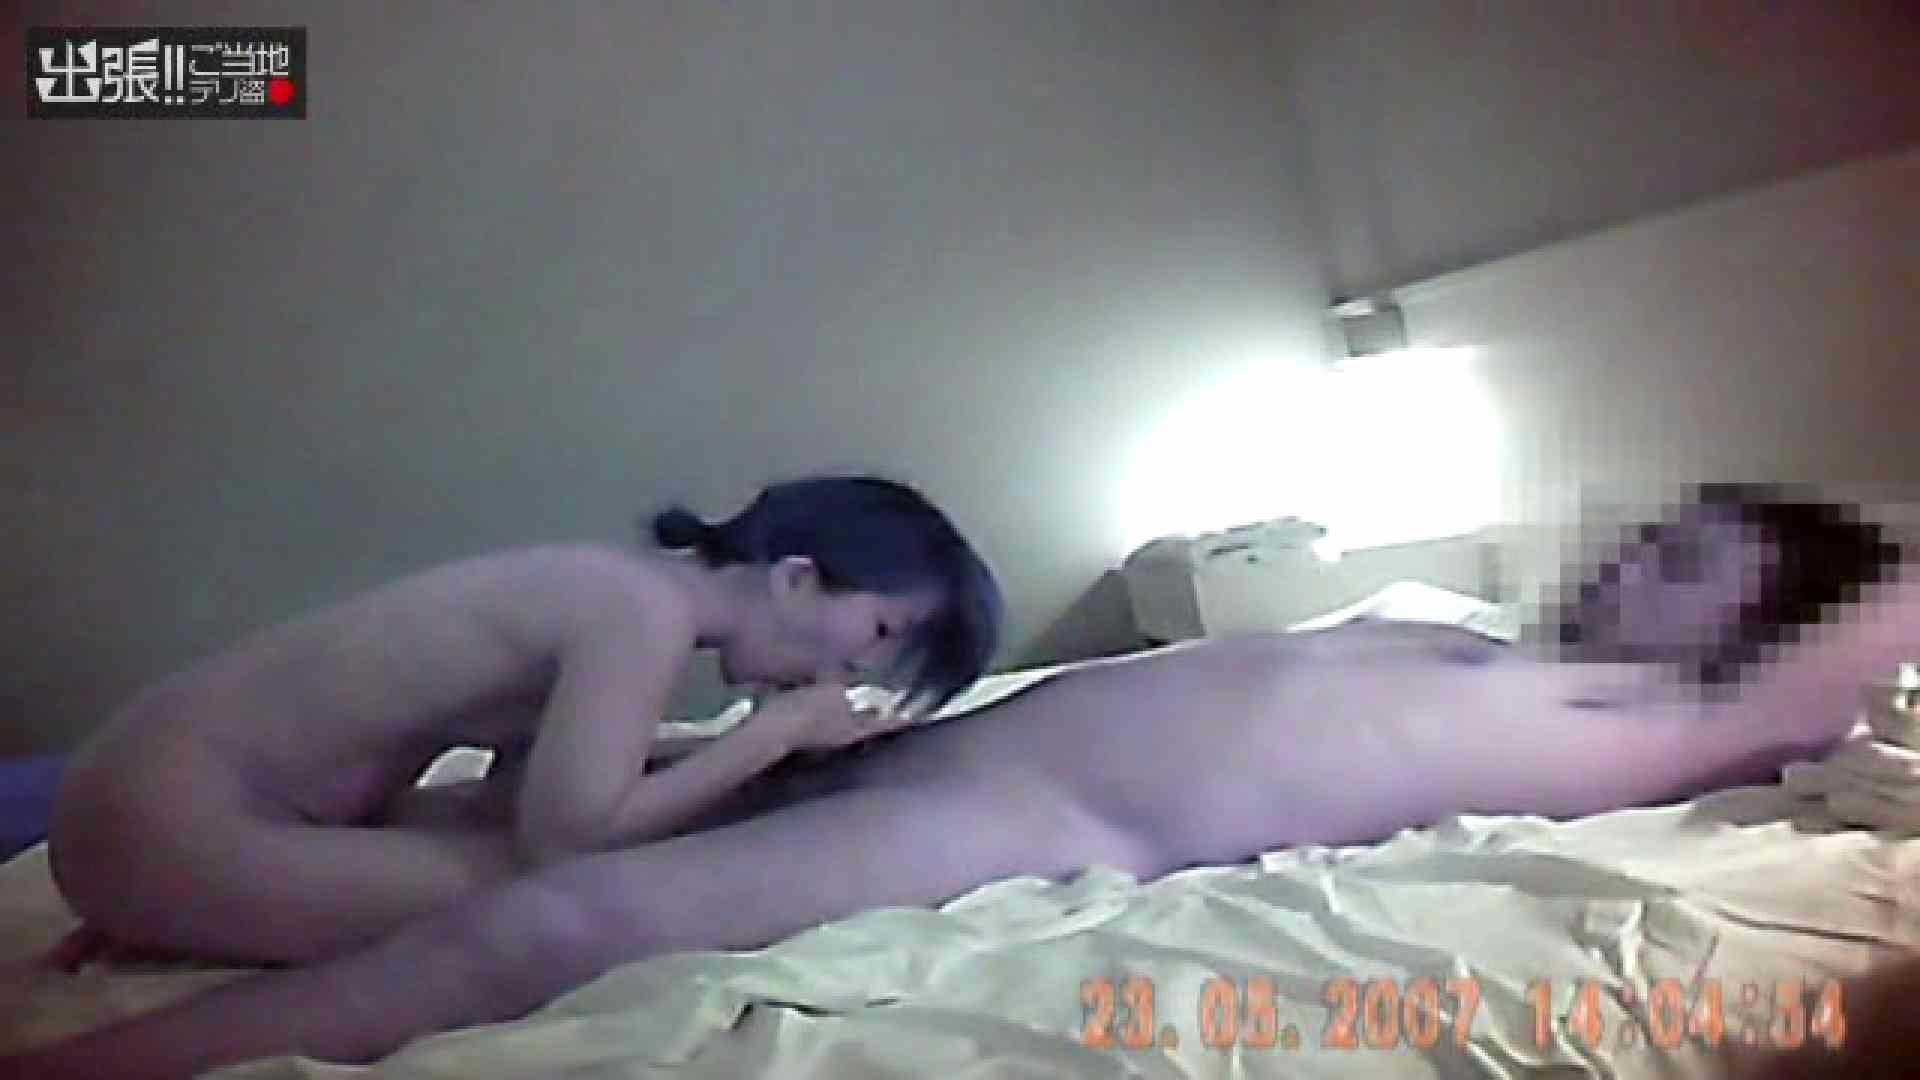 出張リーマンのデリ嬢隠し撮り第3弾vol.4 盗撮  111pic 72